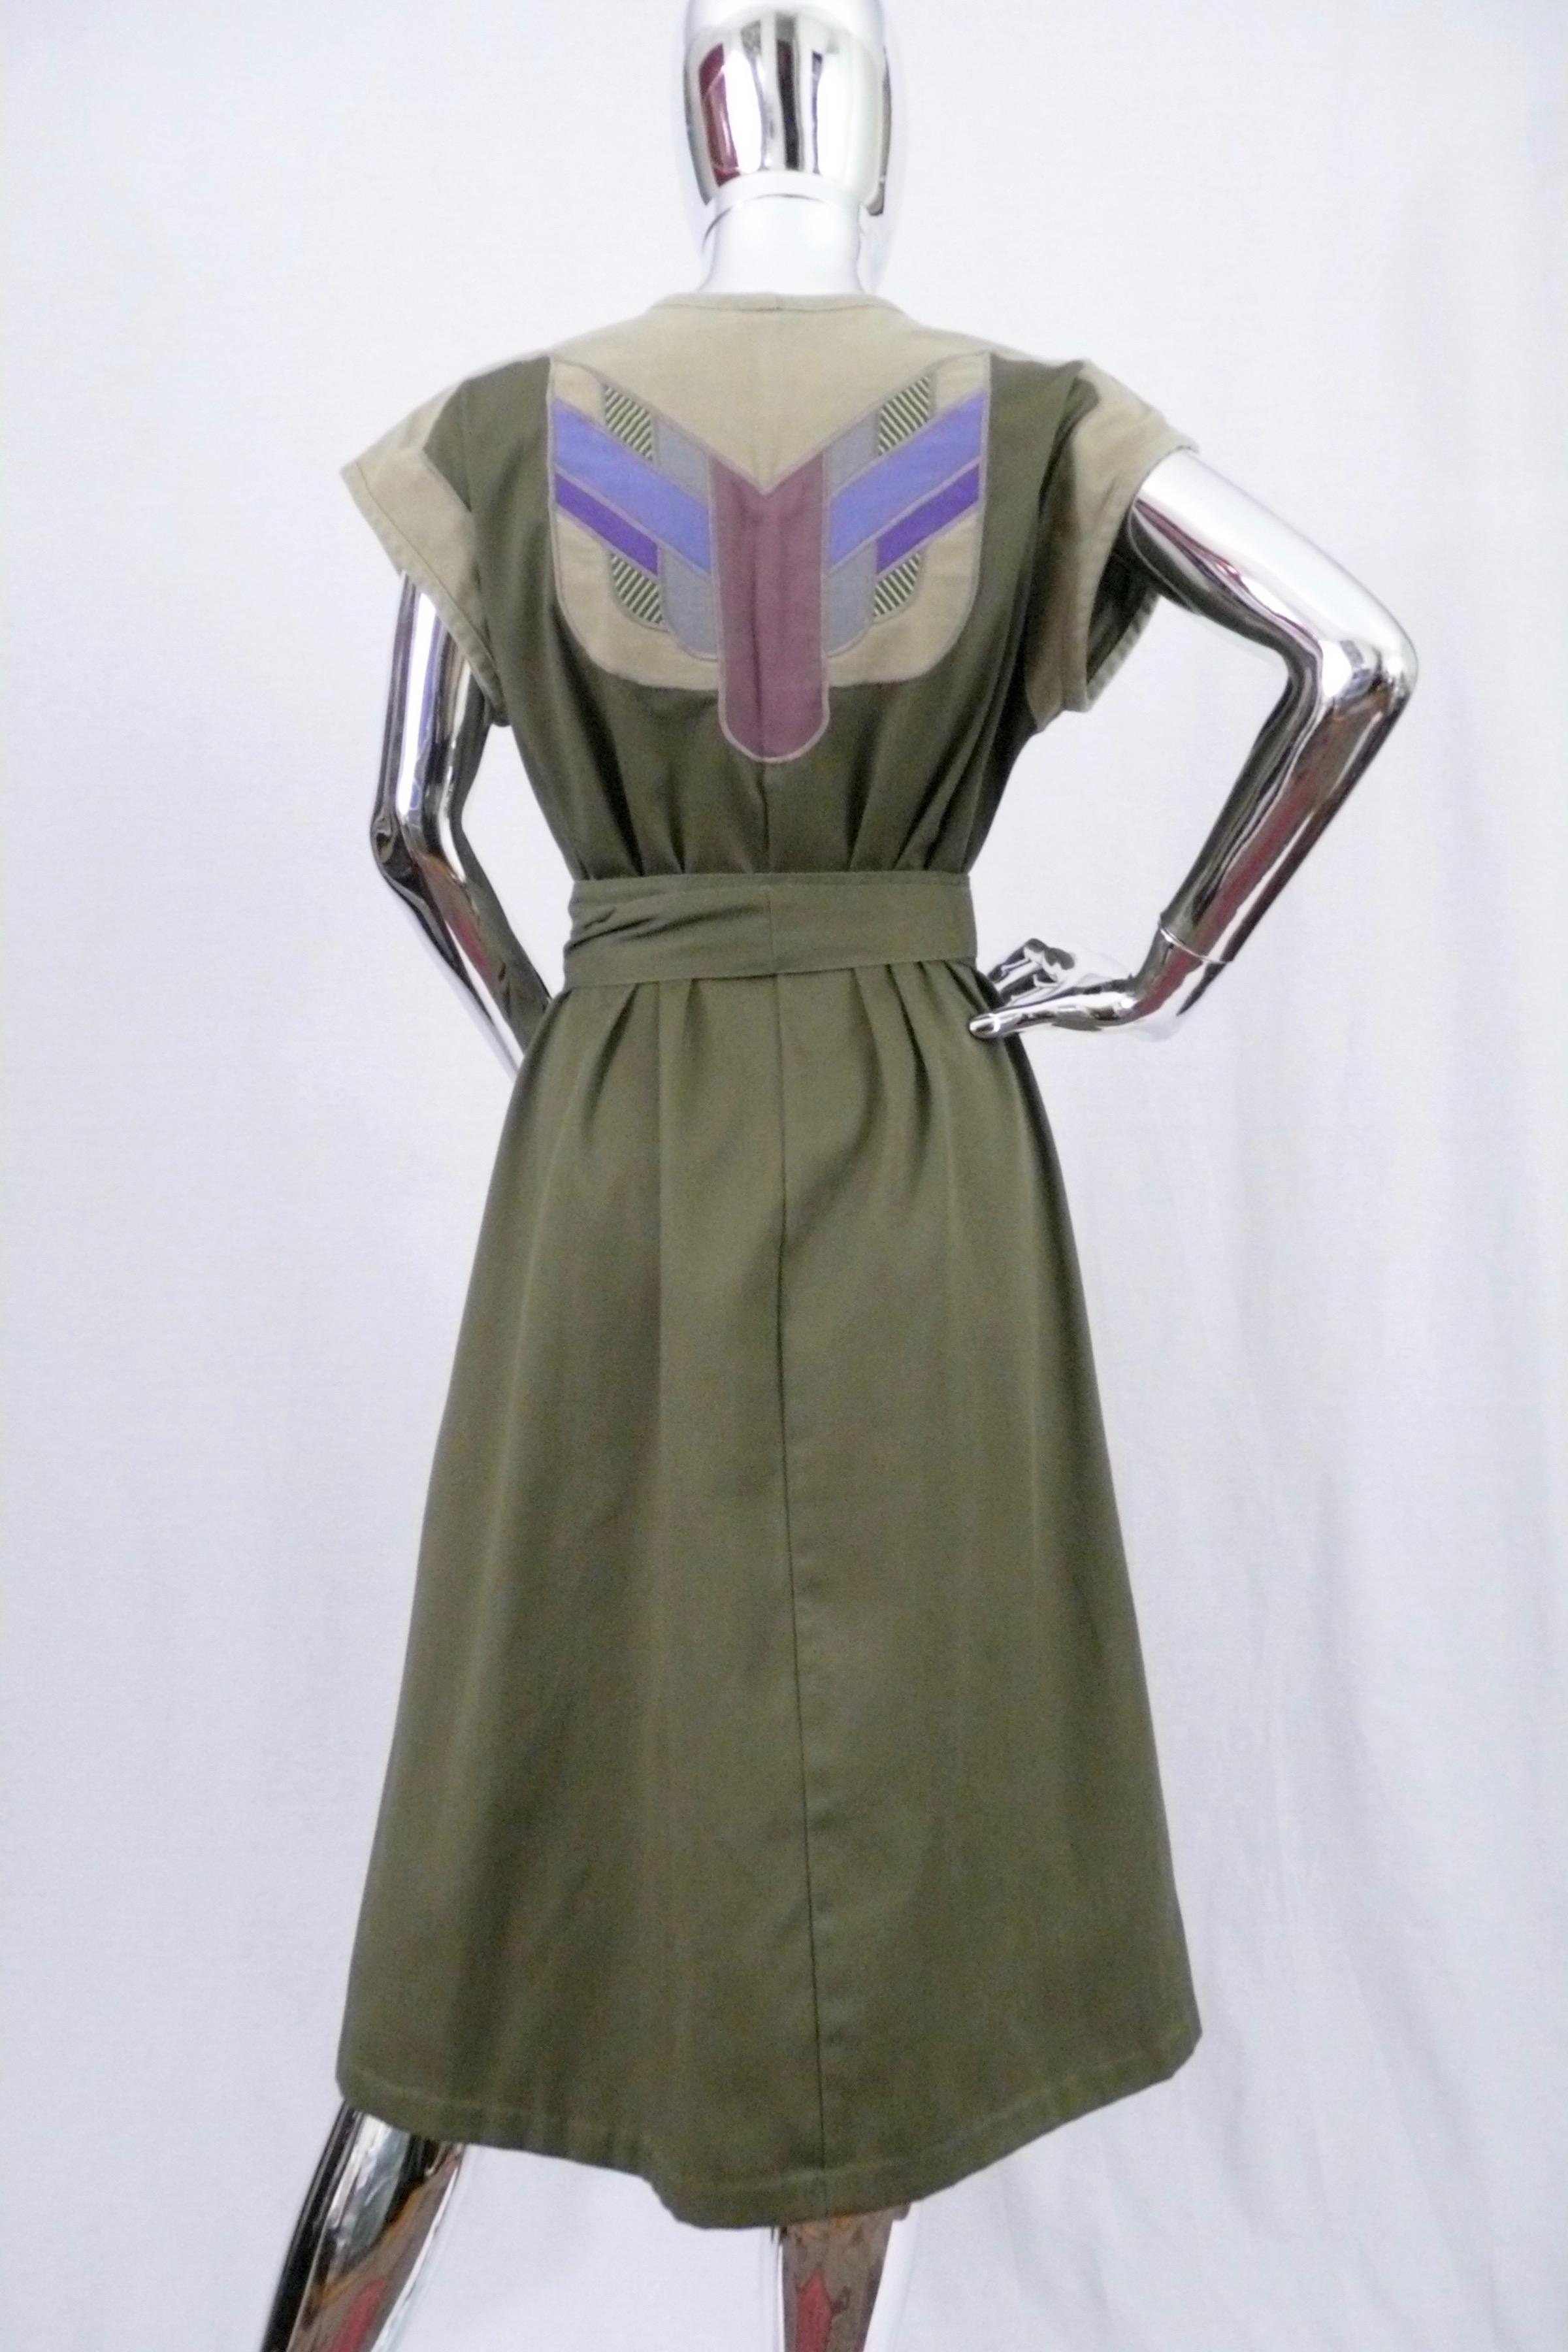 Cotton Applique' Dress